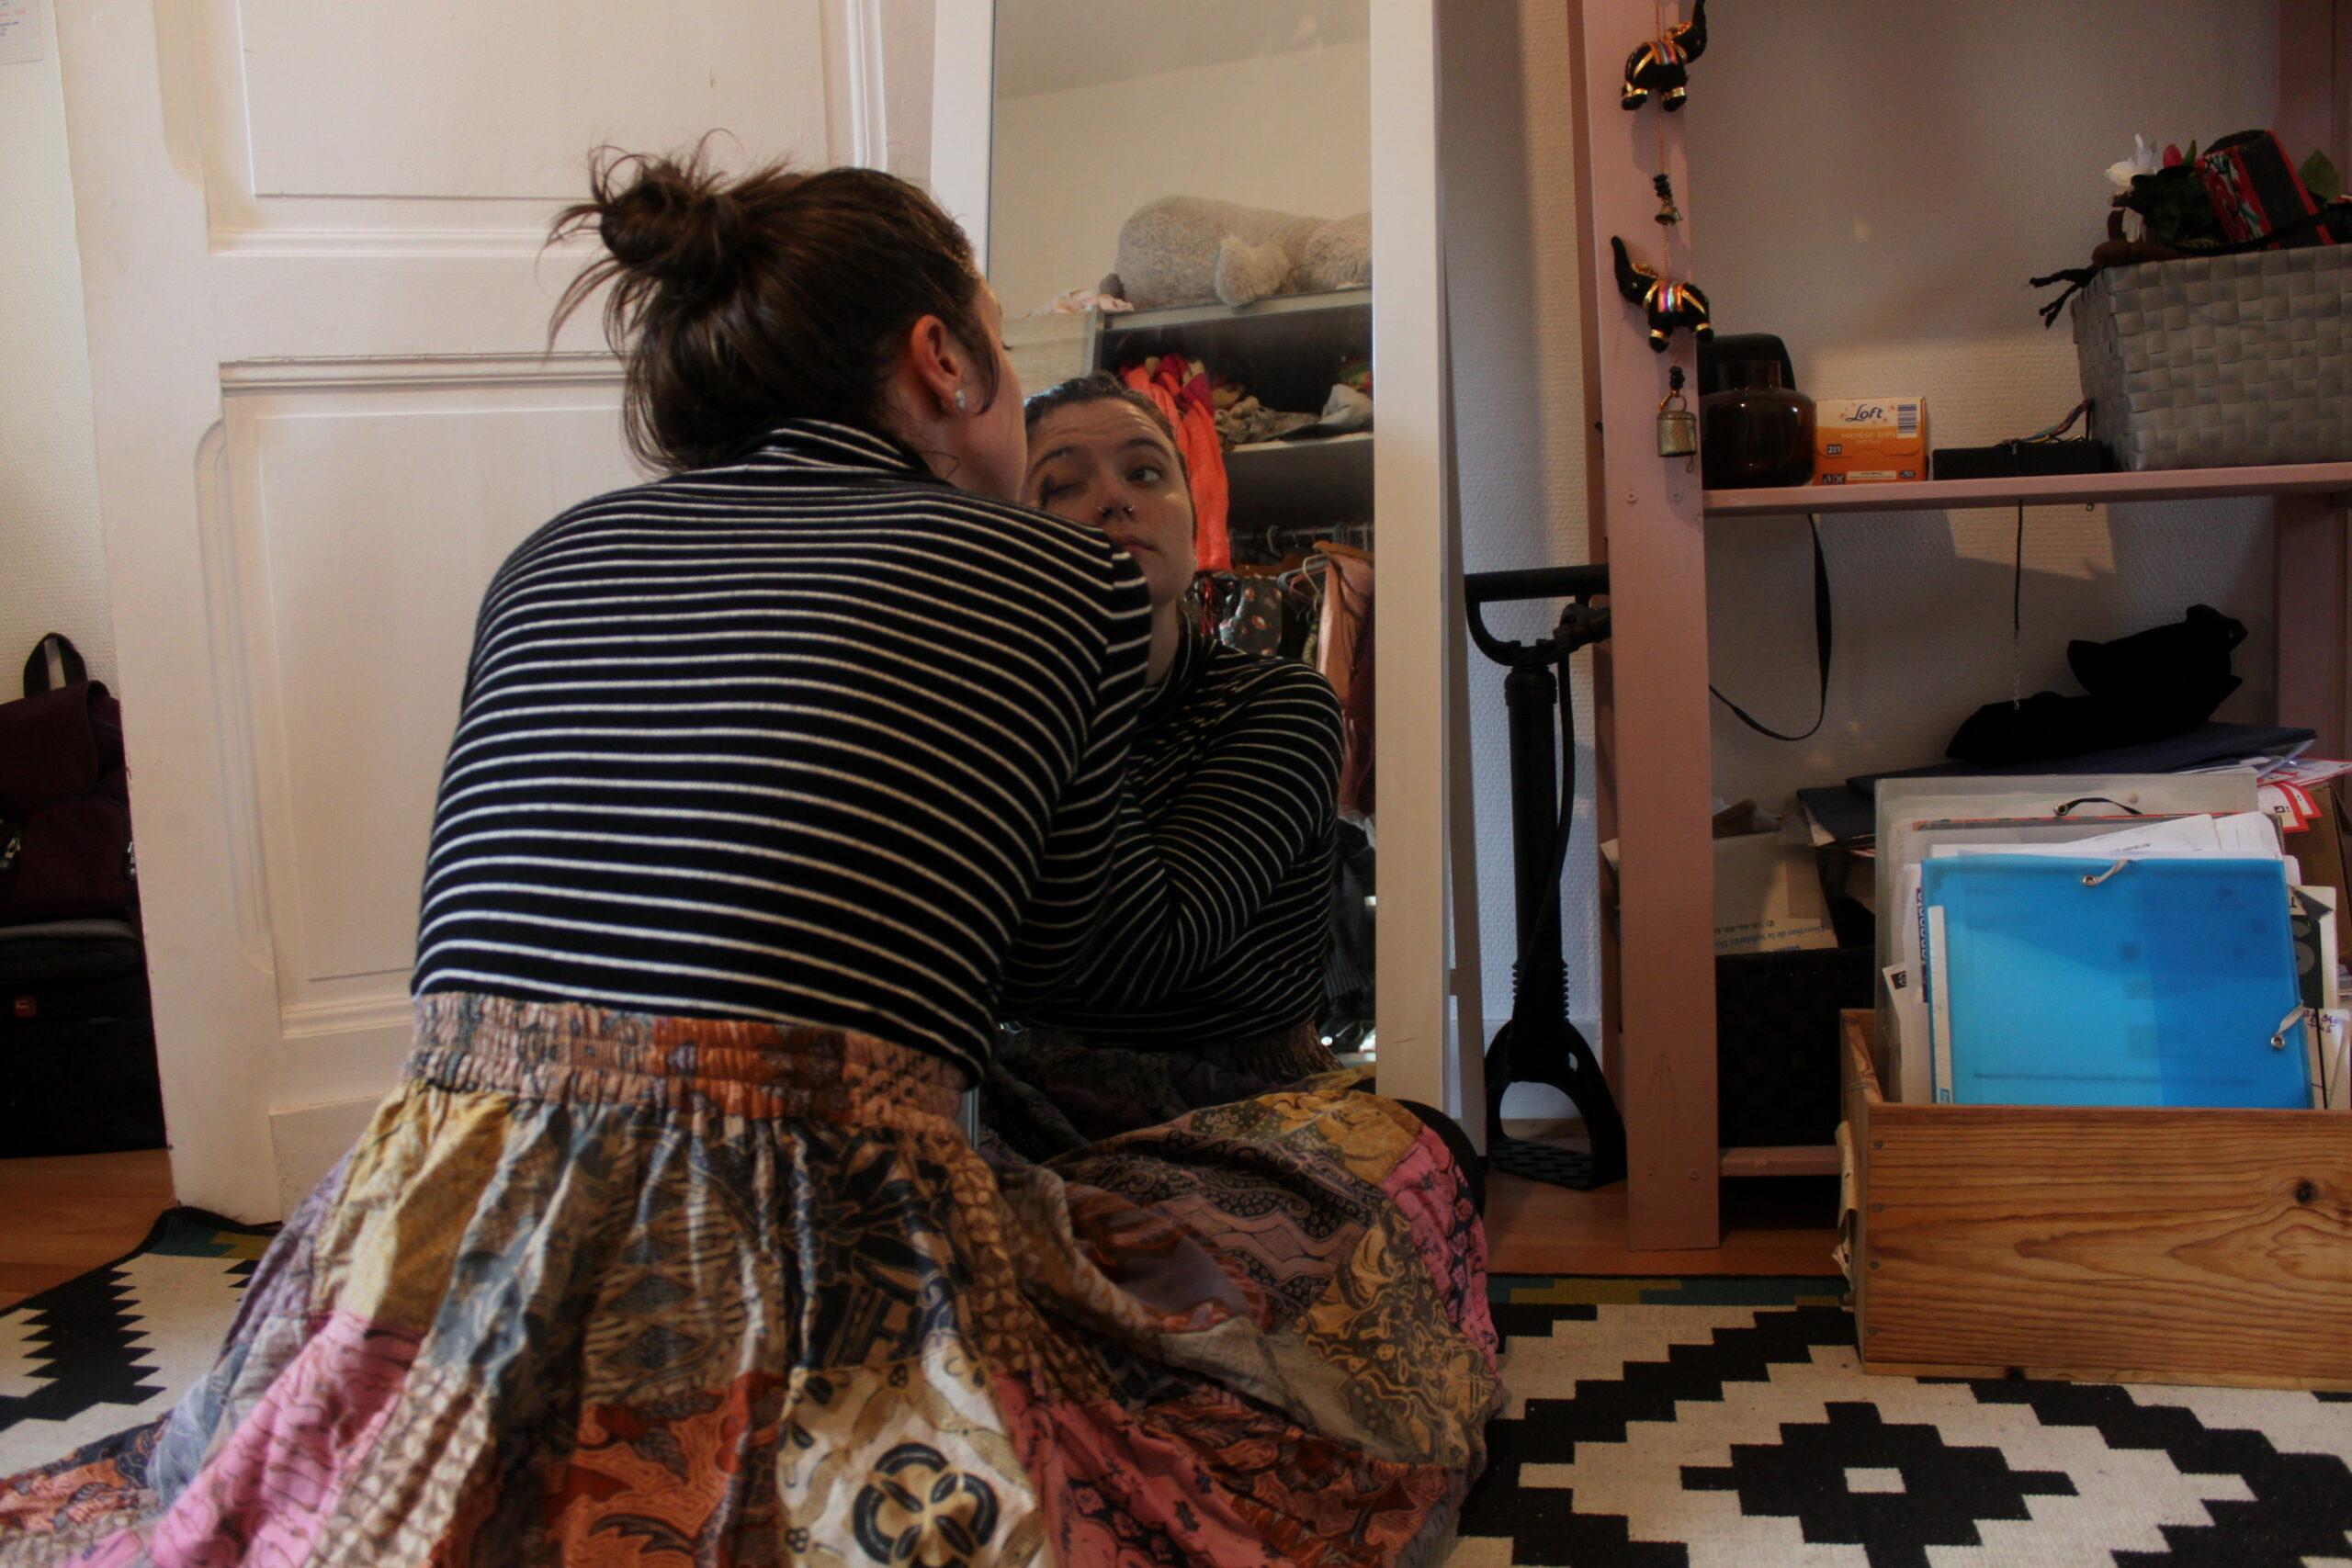 Nina est devant son miroir. Elle se maquille.